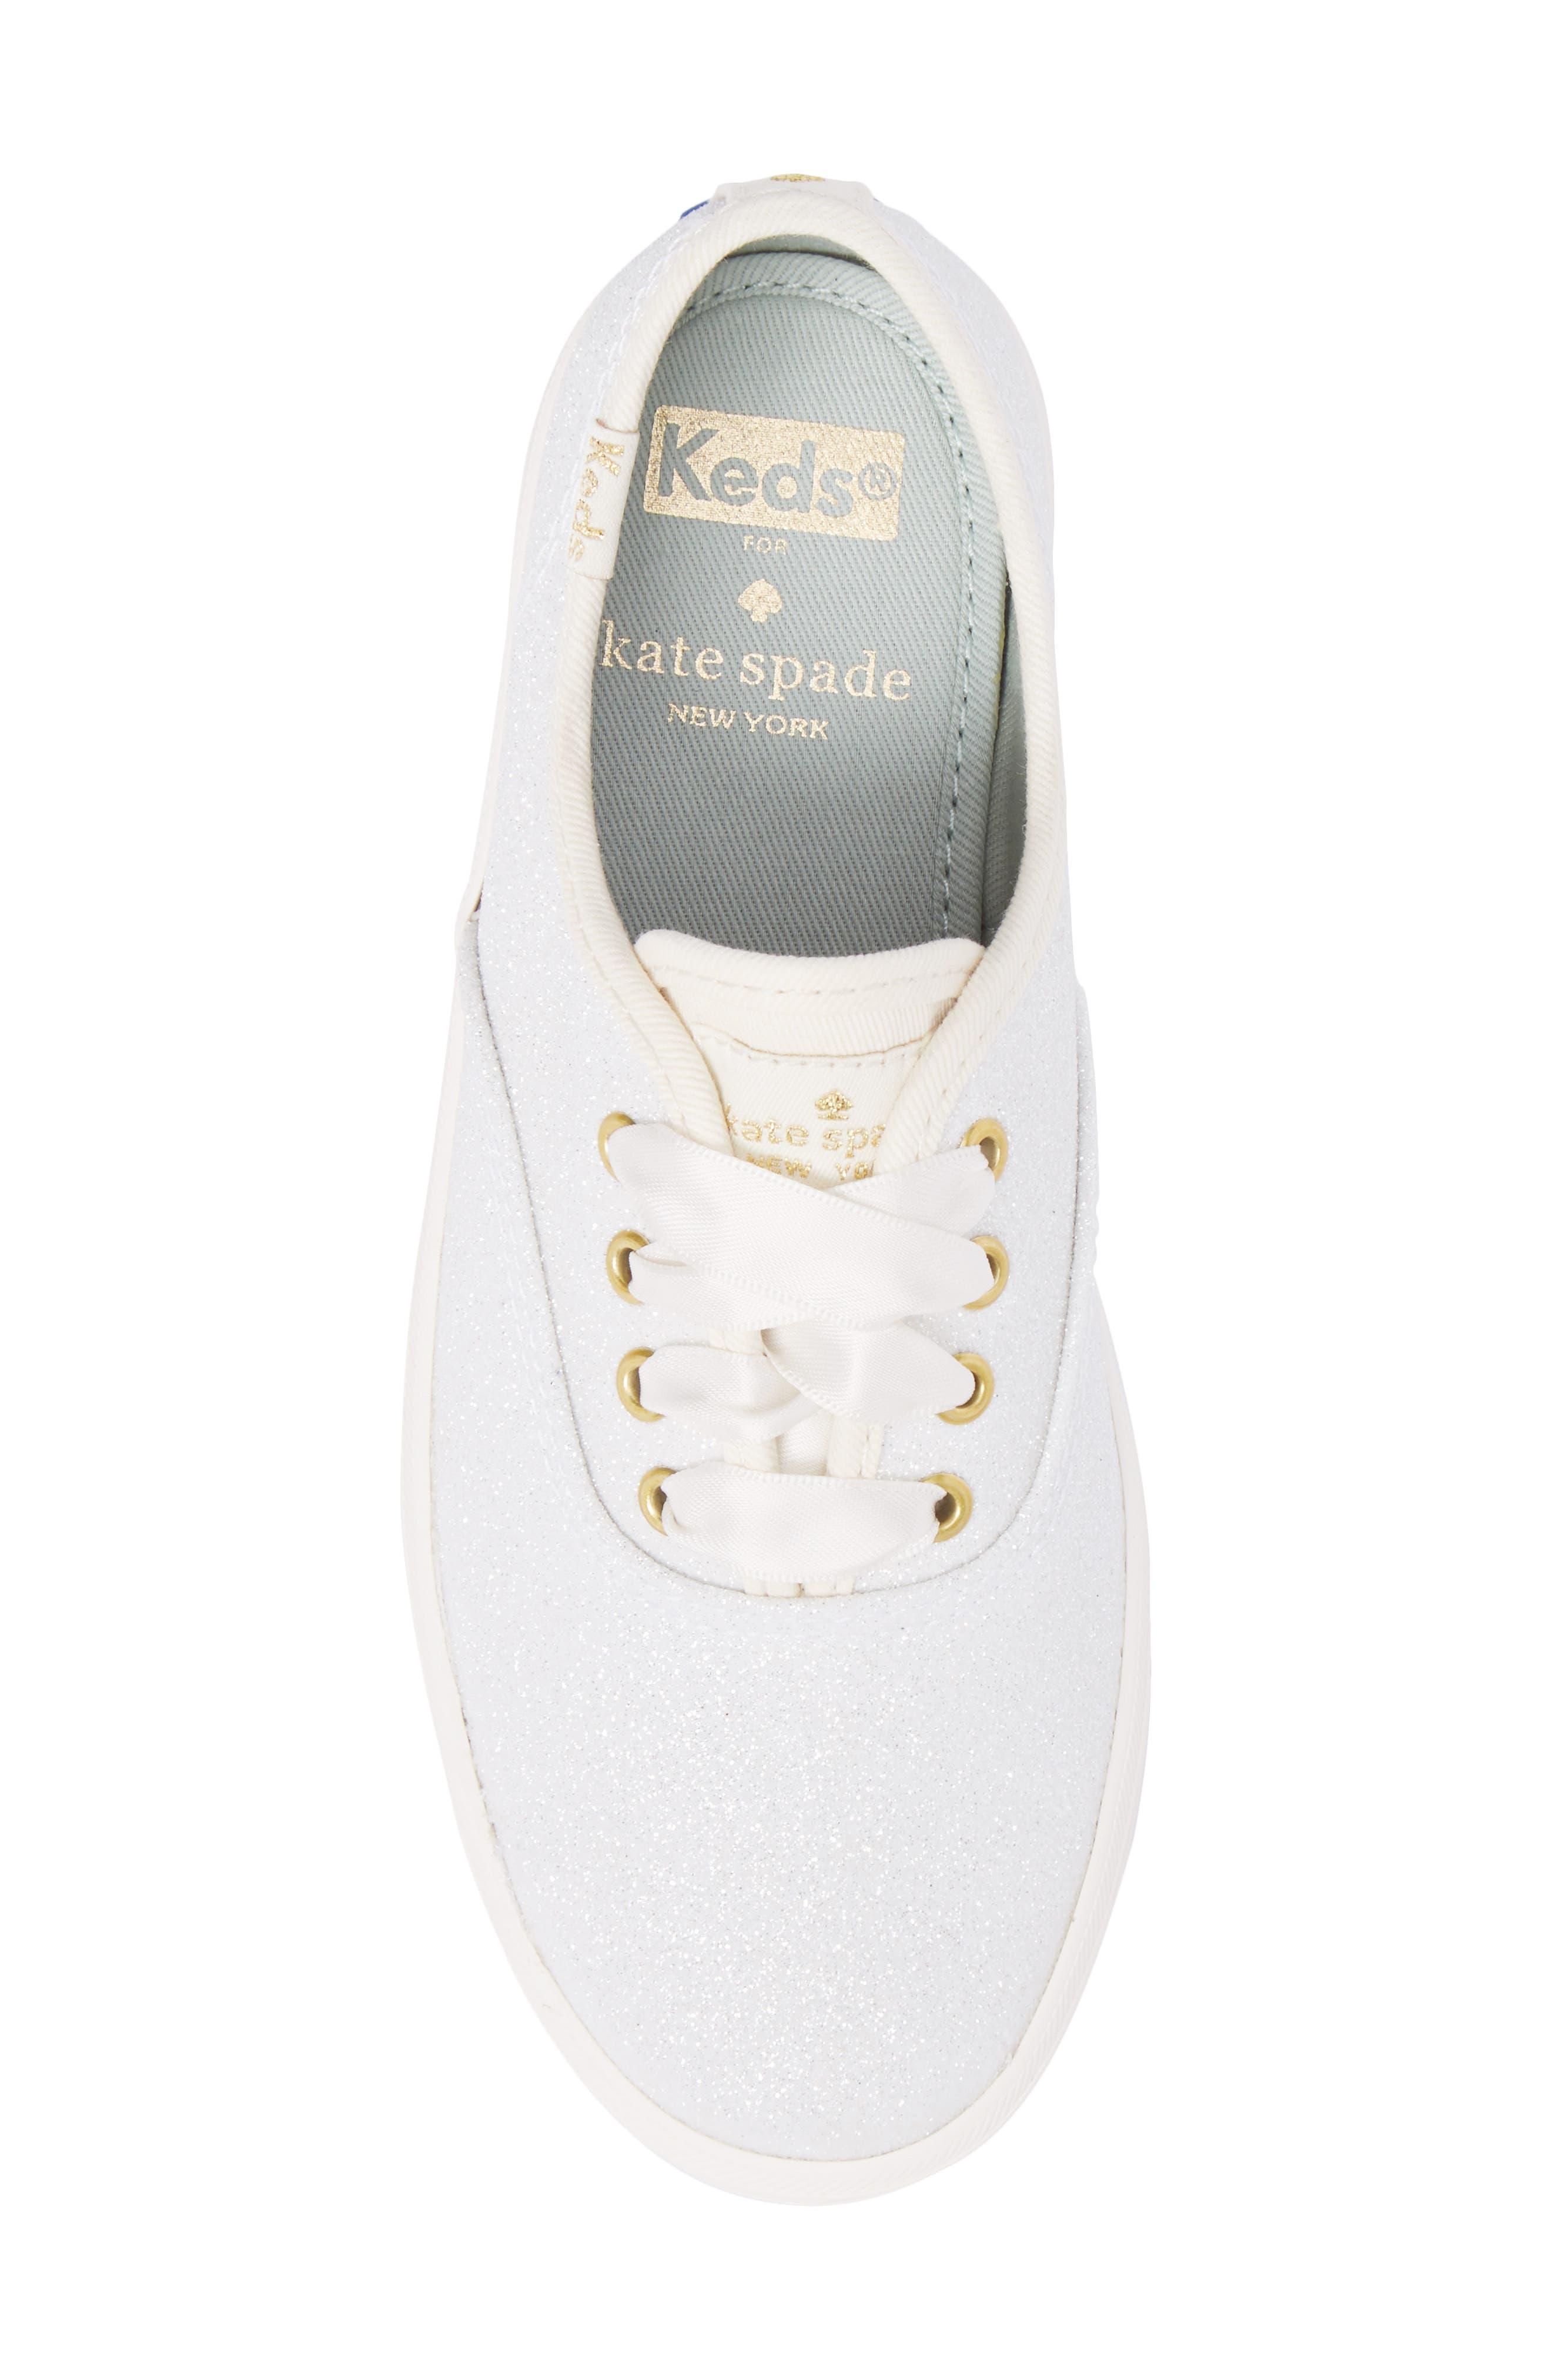 x kate spade new york Champion Glitter Sneaker,                             Alternate thumbnail 5, color,                             CREAM